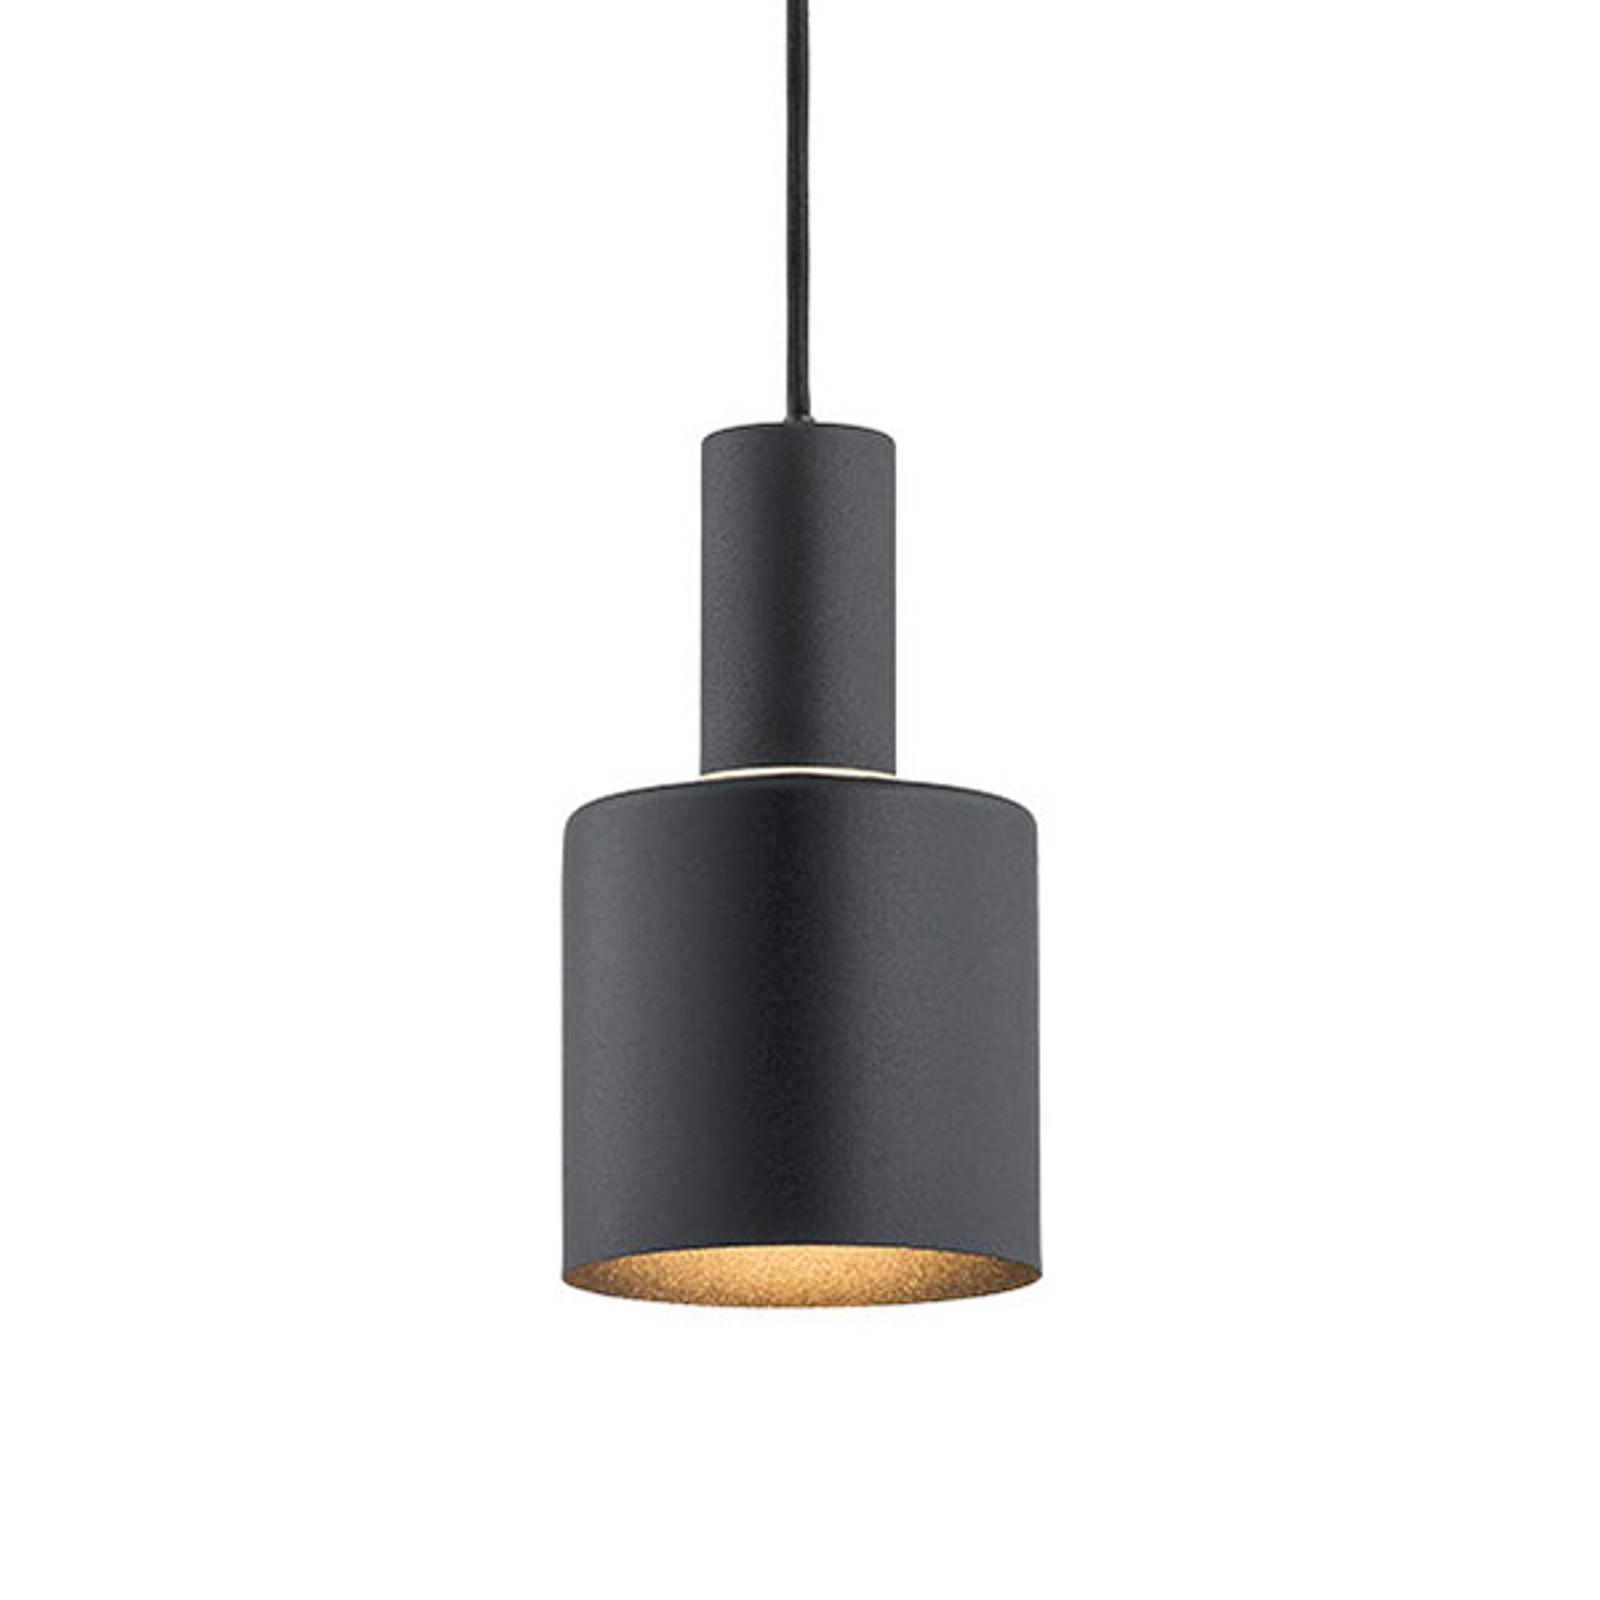 Riippuvalo Selma, 1-lamppuinen, musta Ø 12 cm